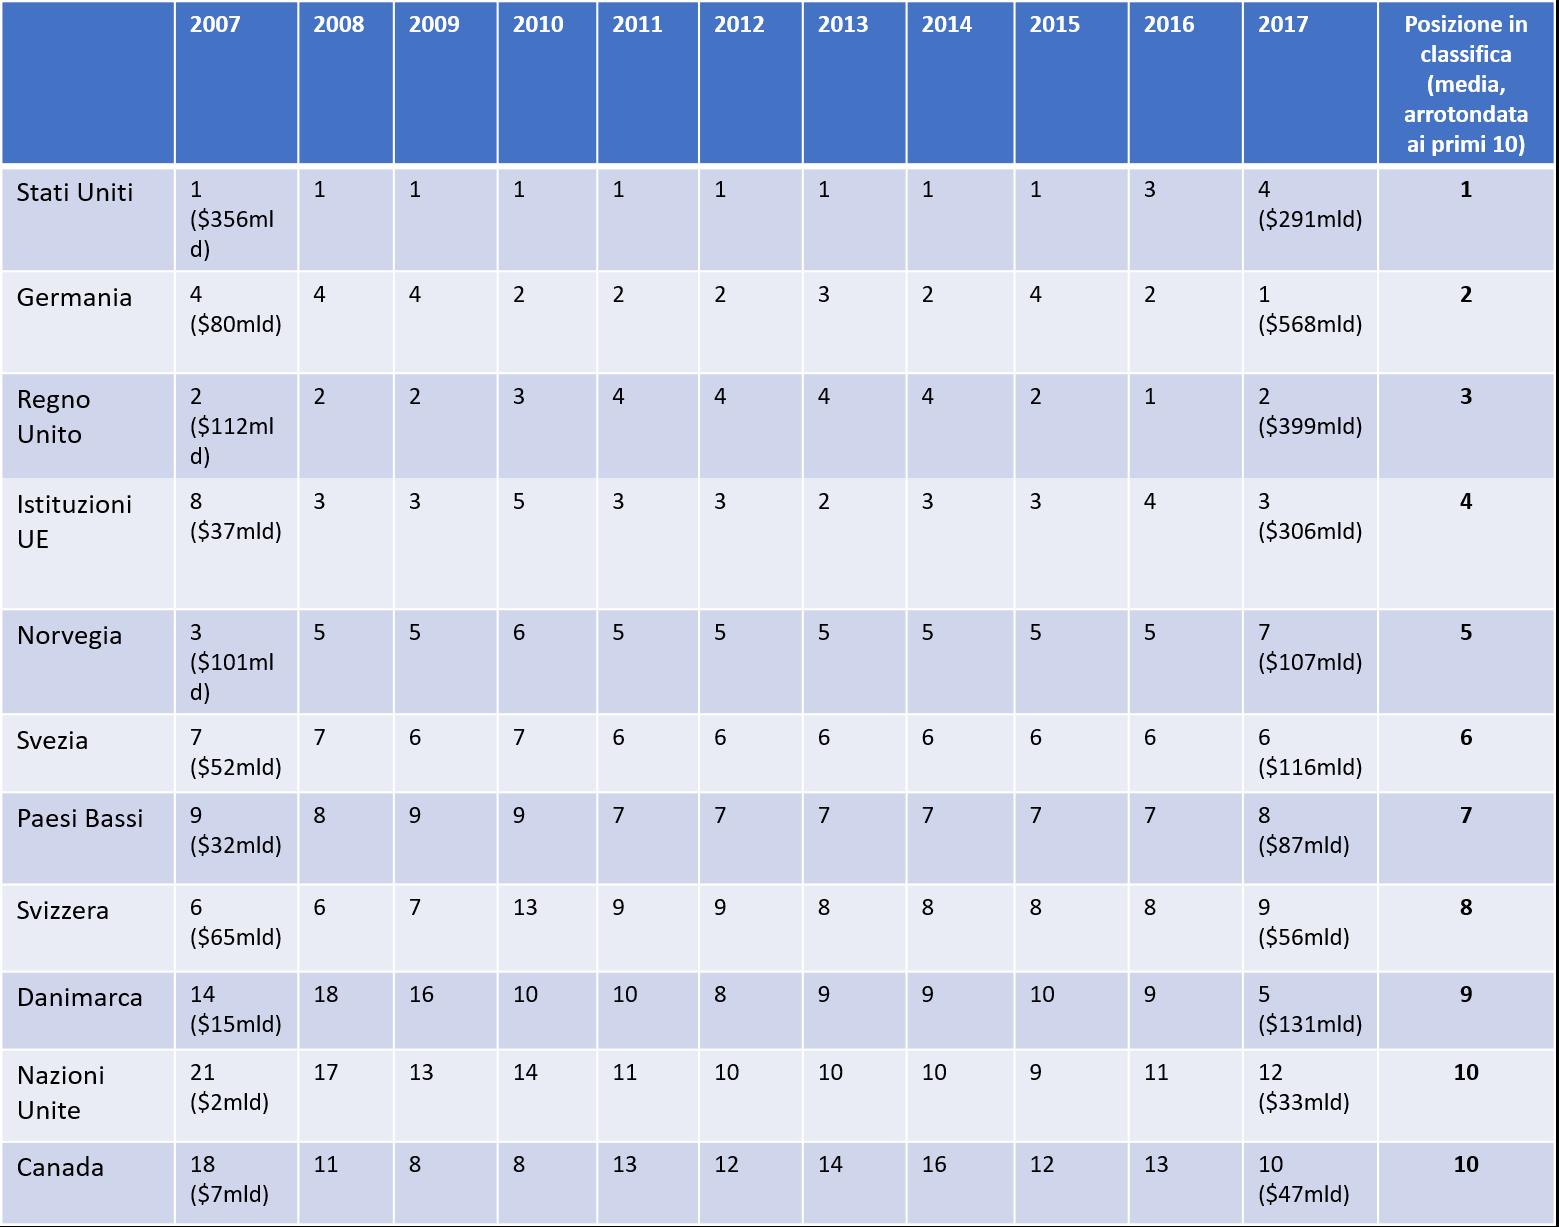 Principali donatori per il peacebuilding negli ultimi dieci anni. Fonte: Analisi di ECDPM a partire dai dati del Creditor Reporting System (CRS) di OECD (code 15220 'Civilian peacebuilding, conflict prevention and resolution'). Spesa lorda in miliardi di dollari americani a prezzi costanti (2017)